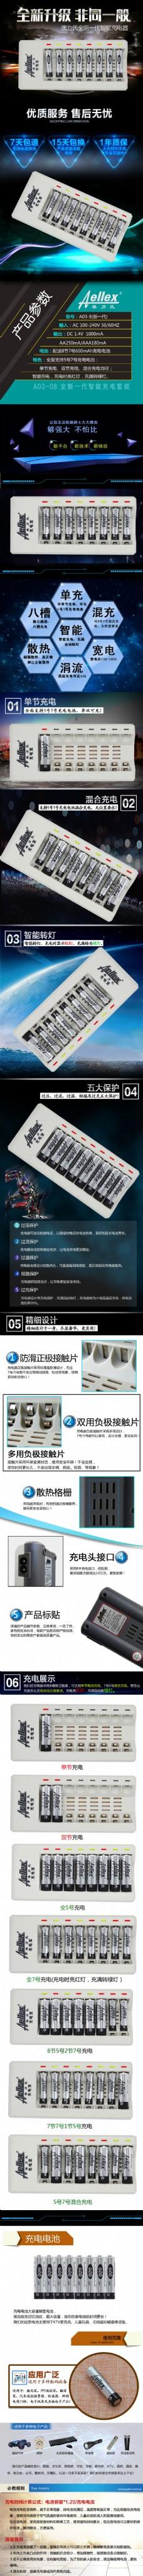 京东炫酷 充电电池详情 数码详情 充电器